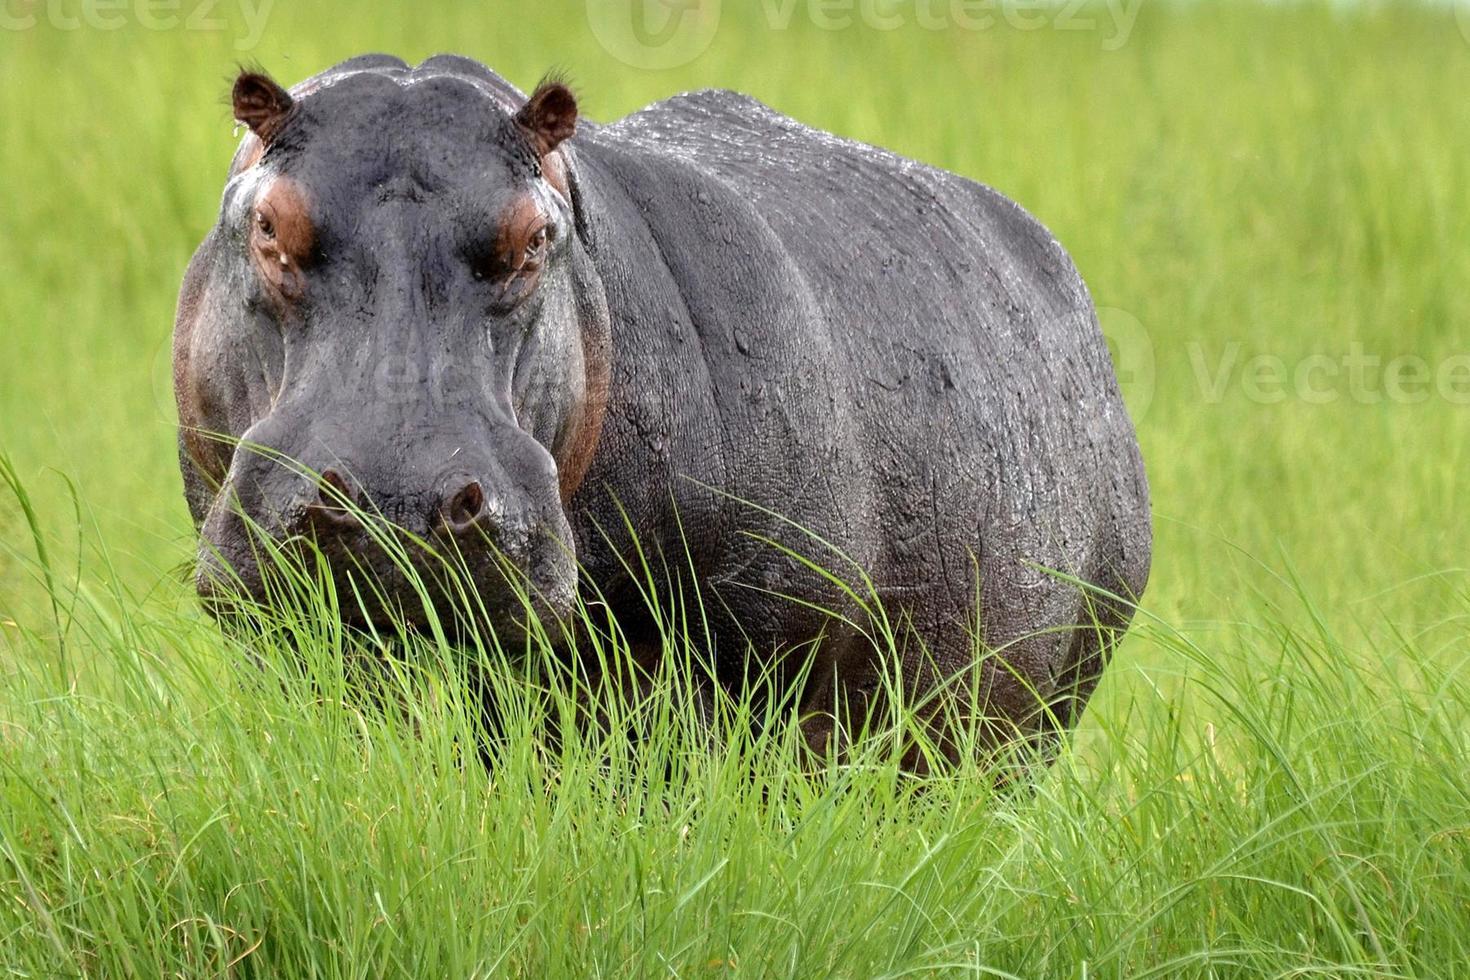 Hipopótamo (Hippopotamus amphibius) frente a la cámara en la hierba larga, Botswana. foto